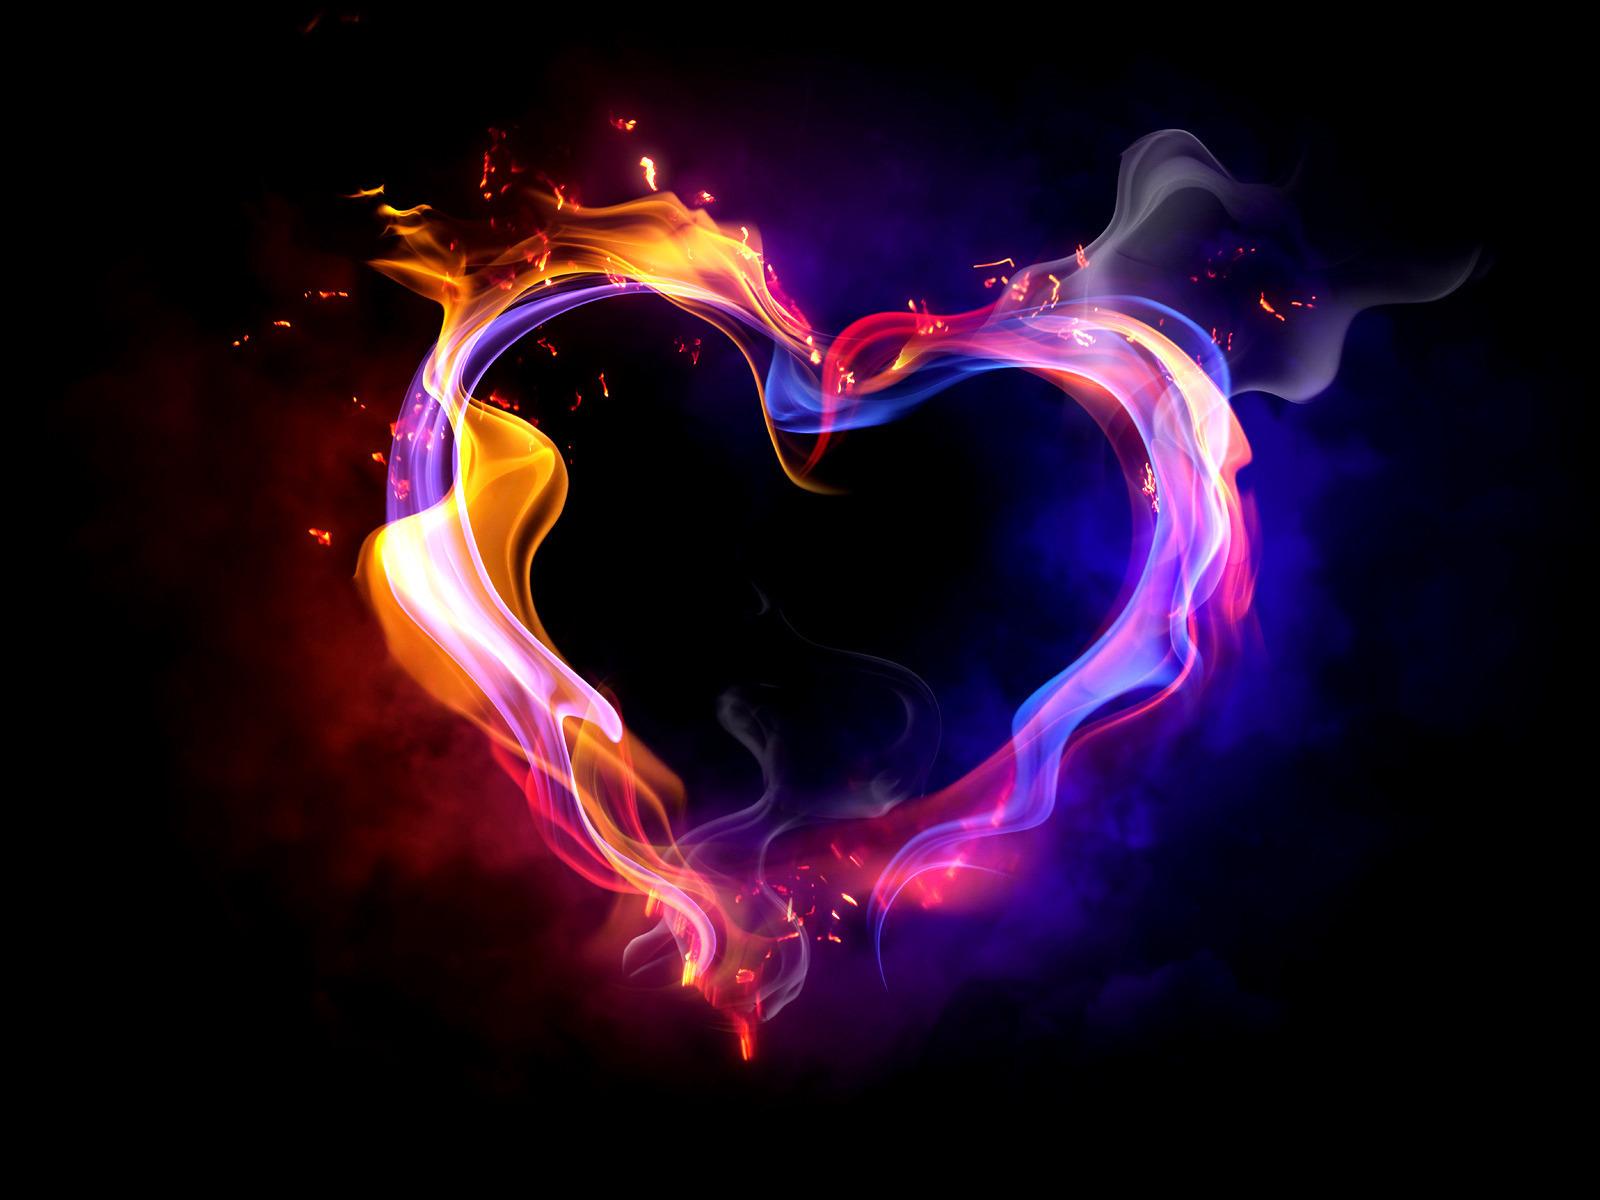 22271 économiseurs d'écran et fonds d'écran Saint Valentin sur votre téléphone. Téléchargez Fêtes, Contexte, Feu, Cœurs, Amour, Saint Valentin images gratuitement